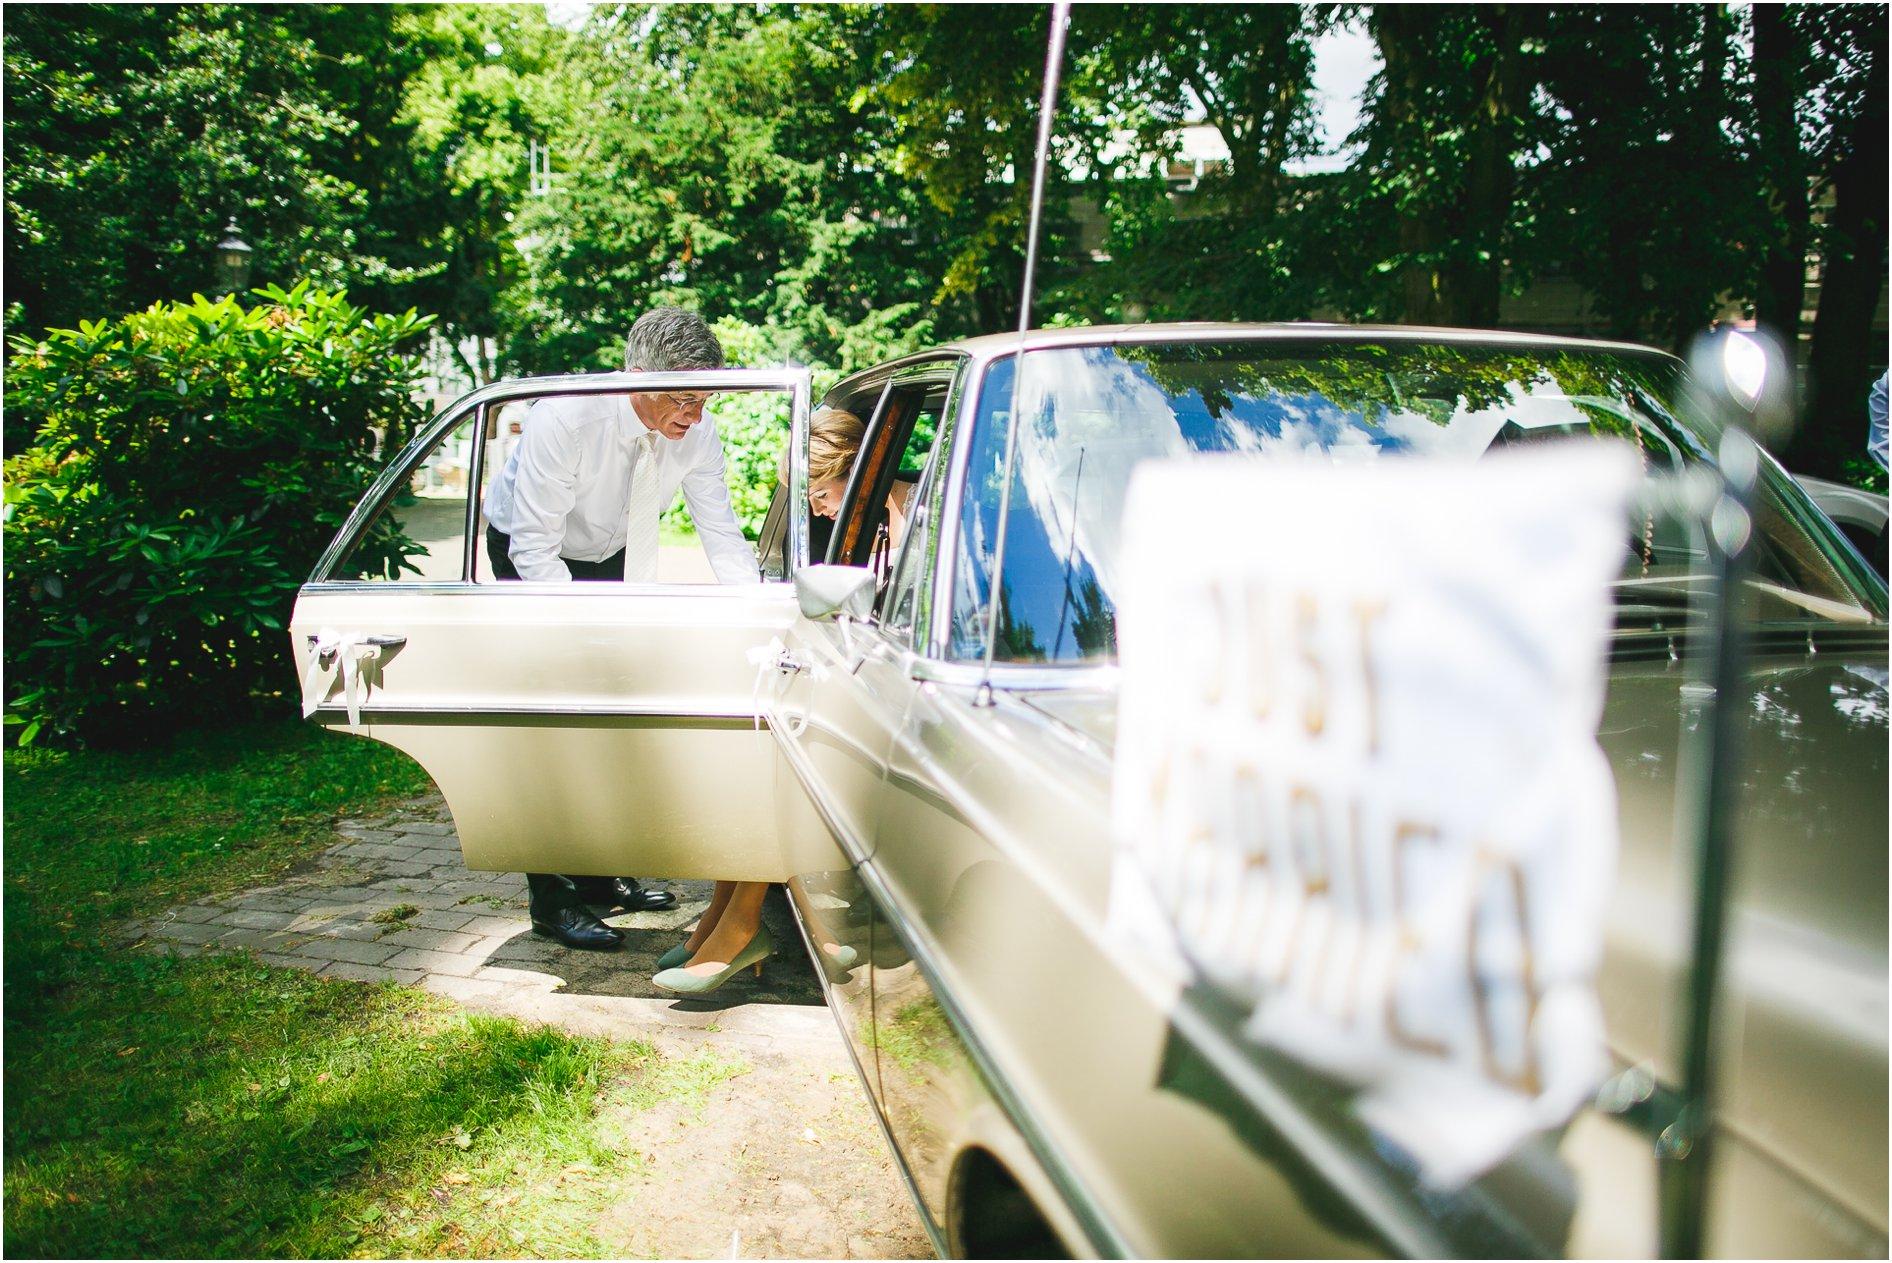 2014-07-16_0266 Über die Elbe mit Sarah & Benny